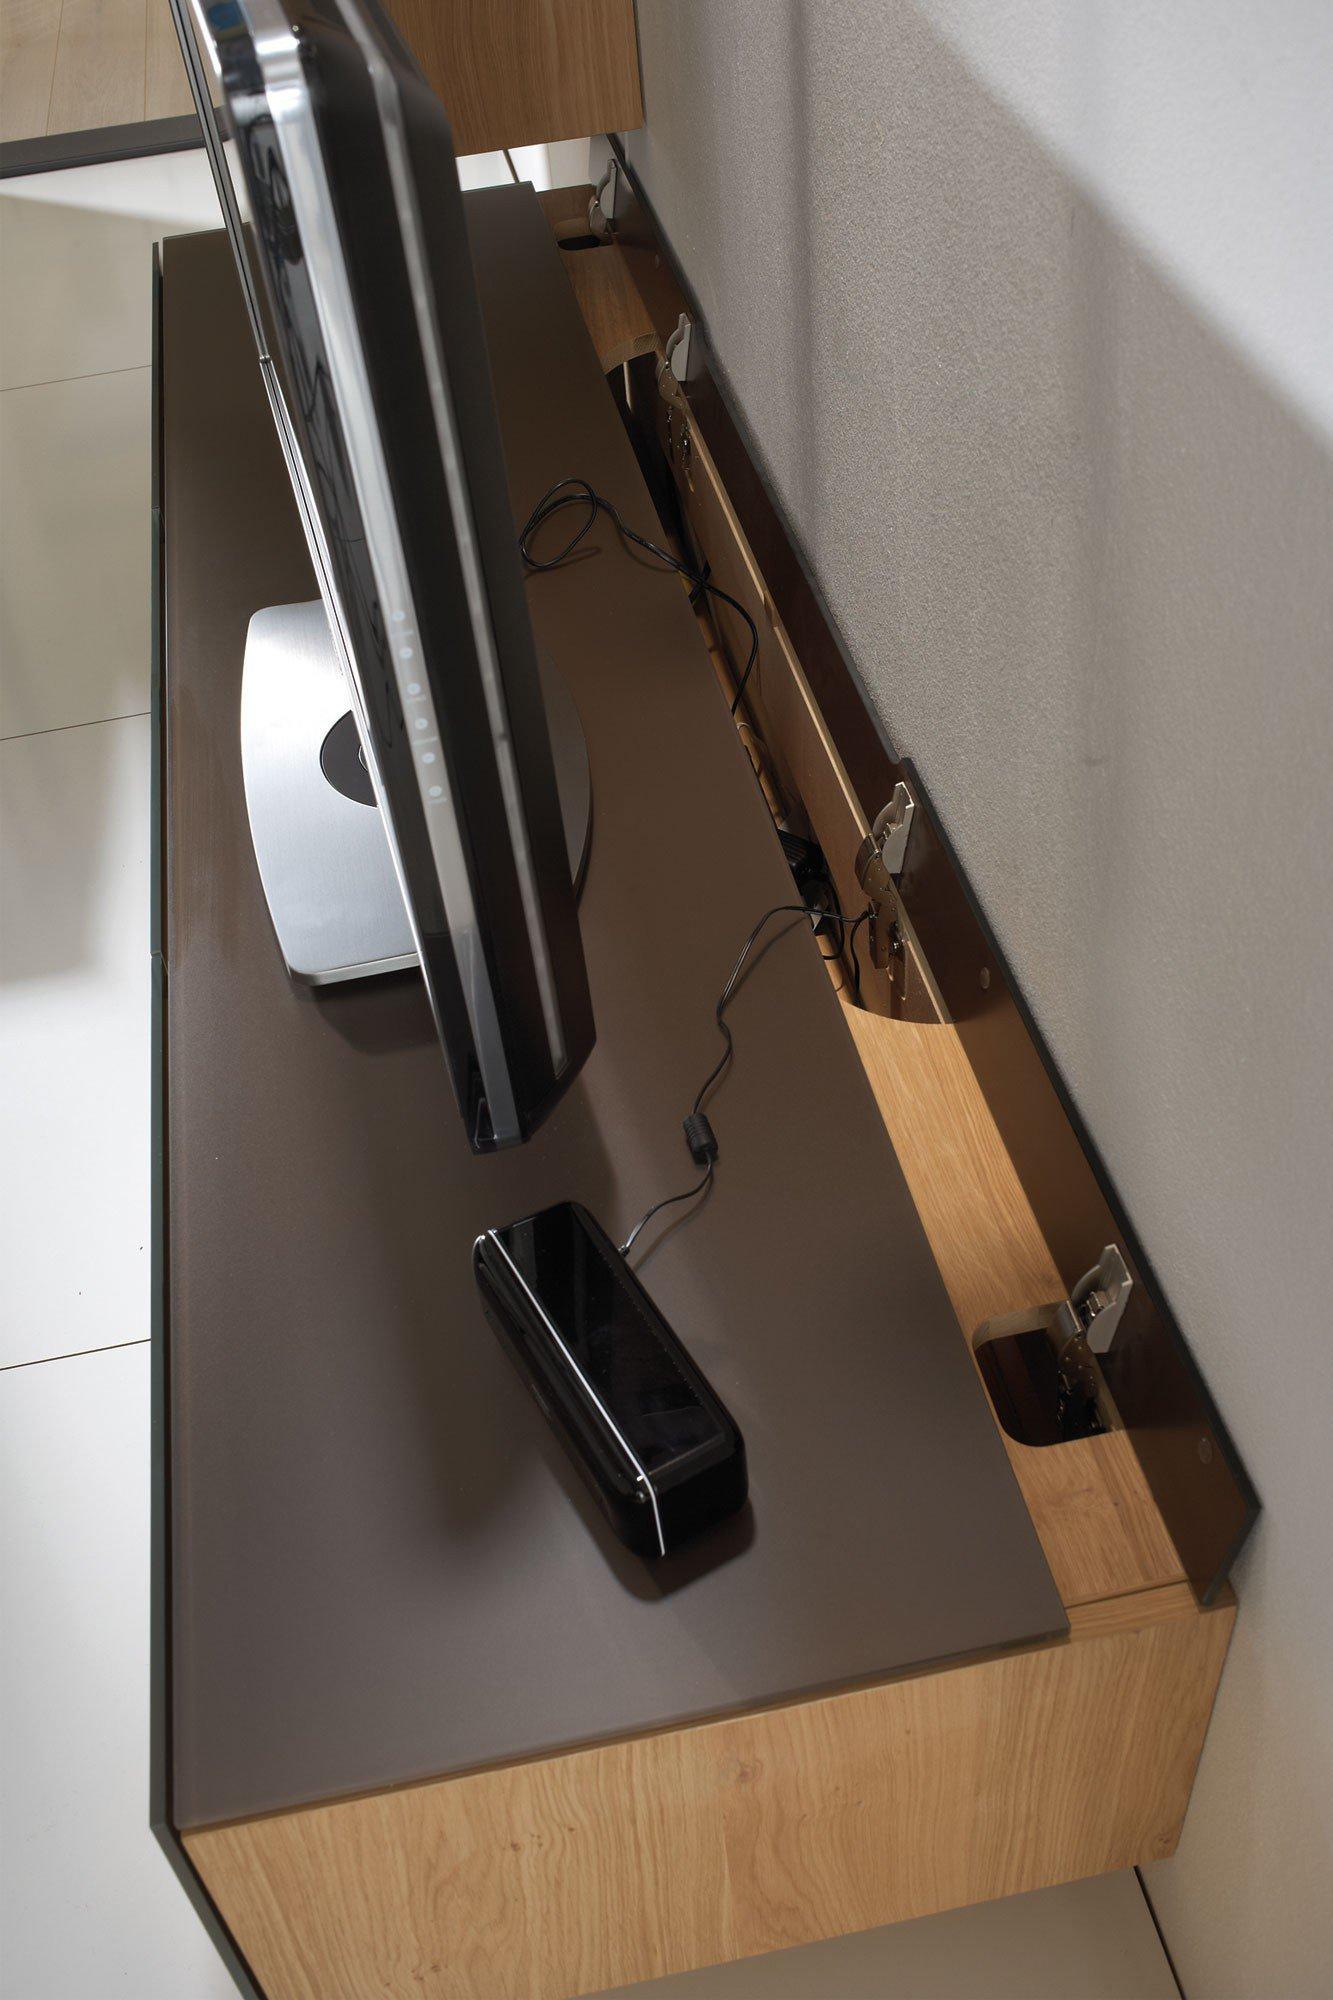 voglauer wohnwand v montana 285 braun wildeiche m bel. Black Bedroom Furniture Sets. Home Design Ideas